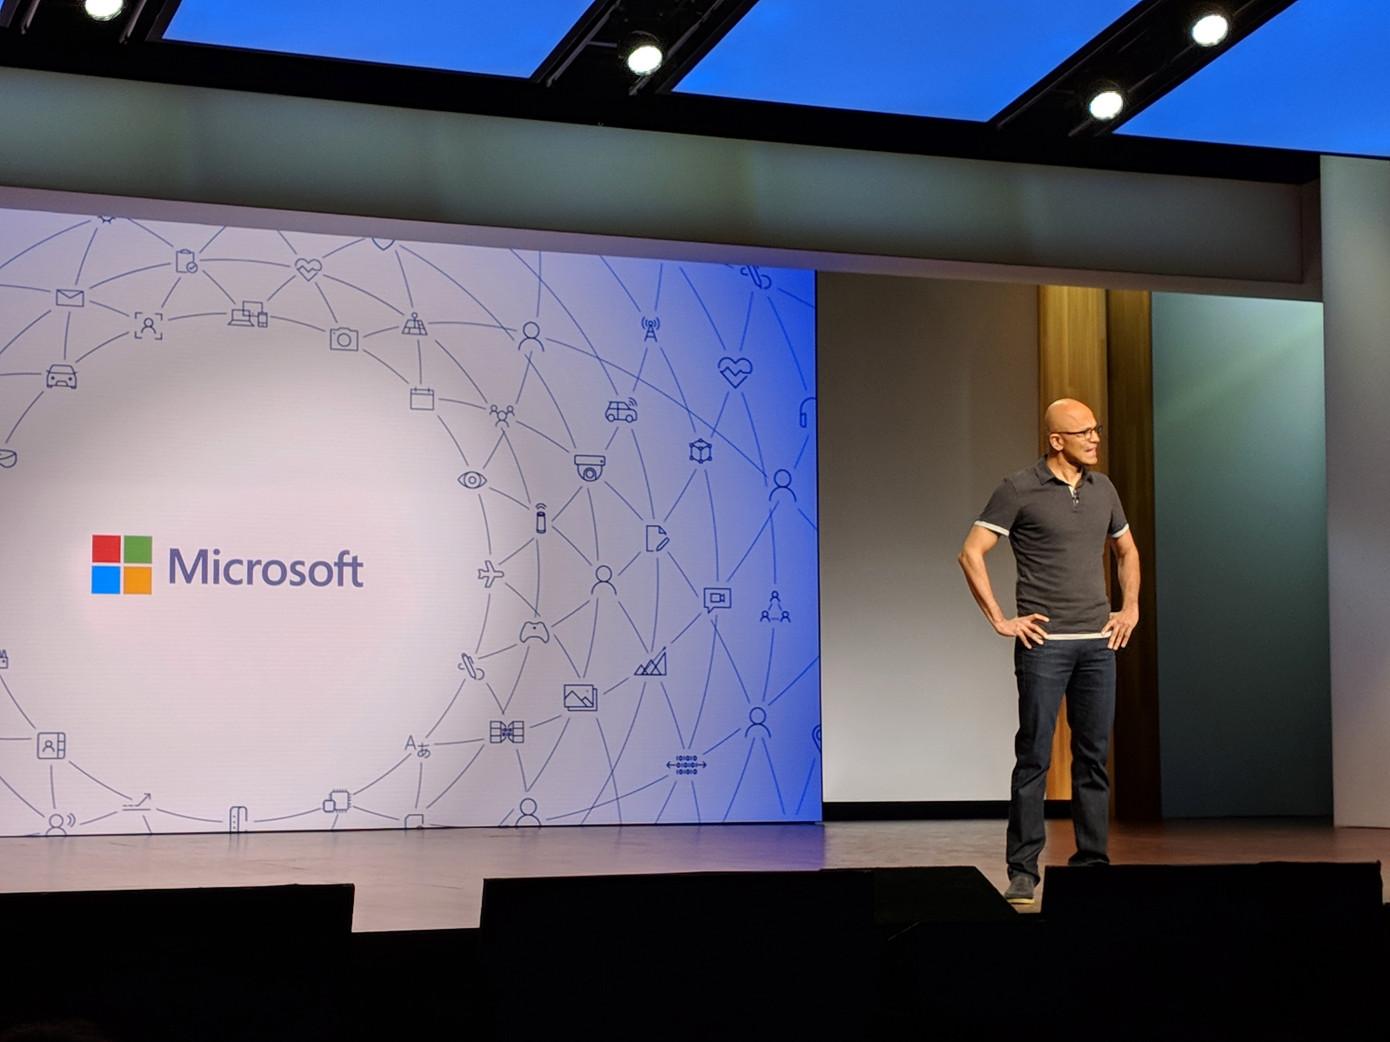 微软VR恐将跳票 用Xbox玩VR游戏还得再等几年